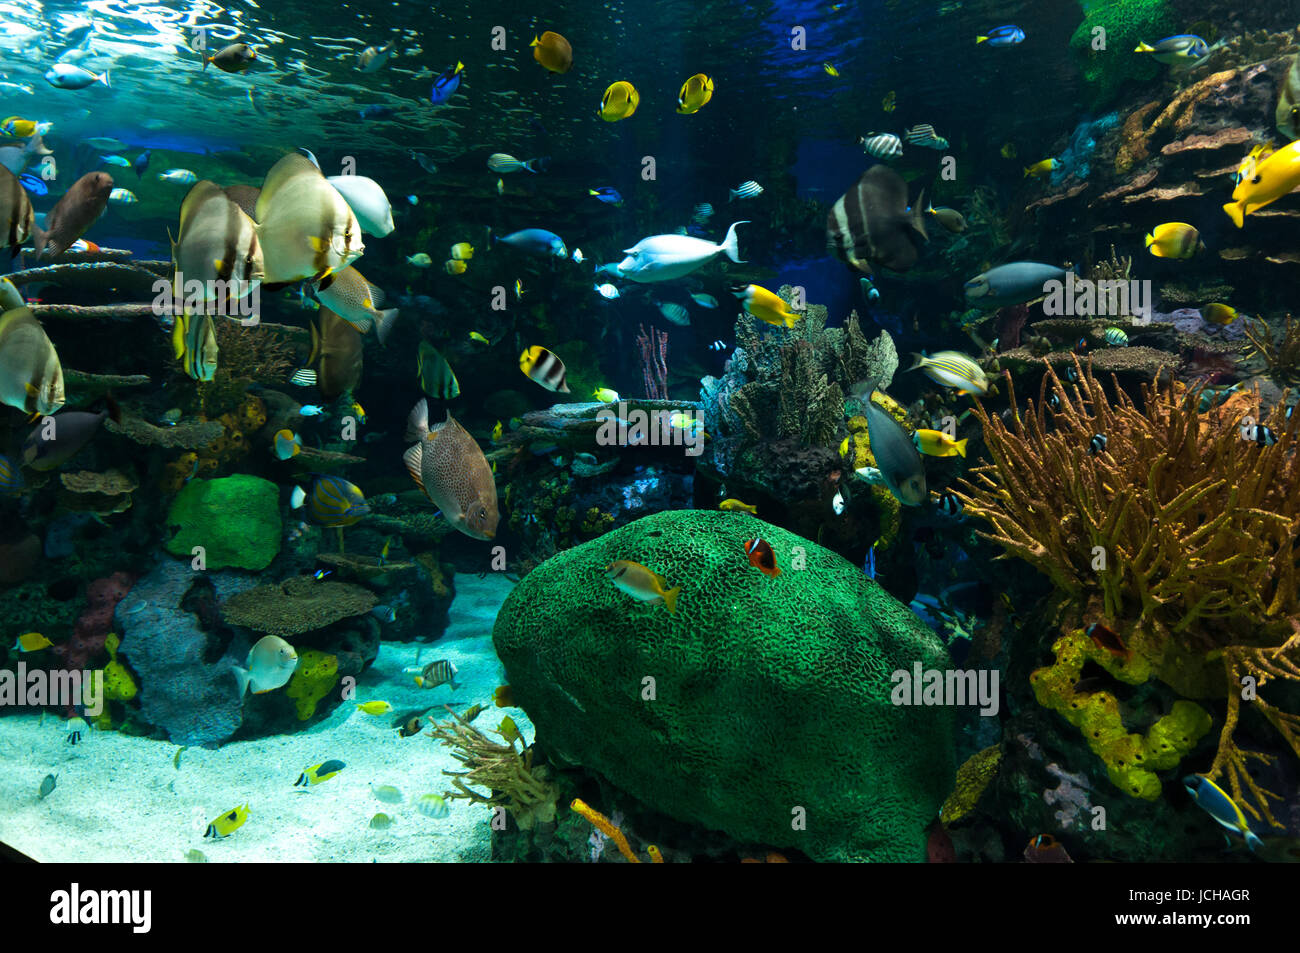 Exotic Marine Animals Swimming In An Aquarium In Toronto Canada Stock Photo Alamy